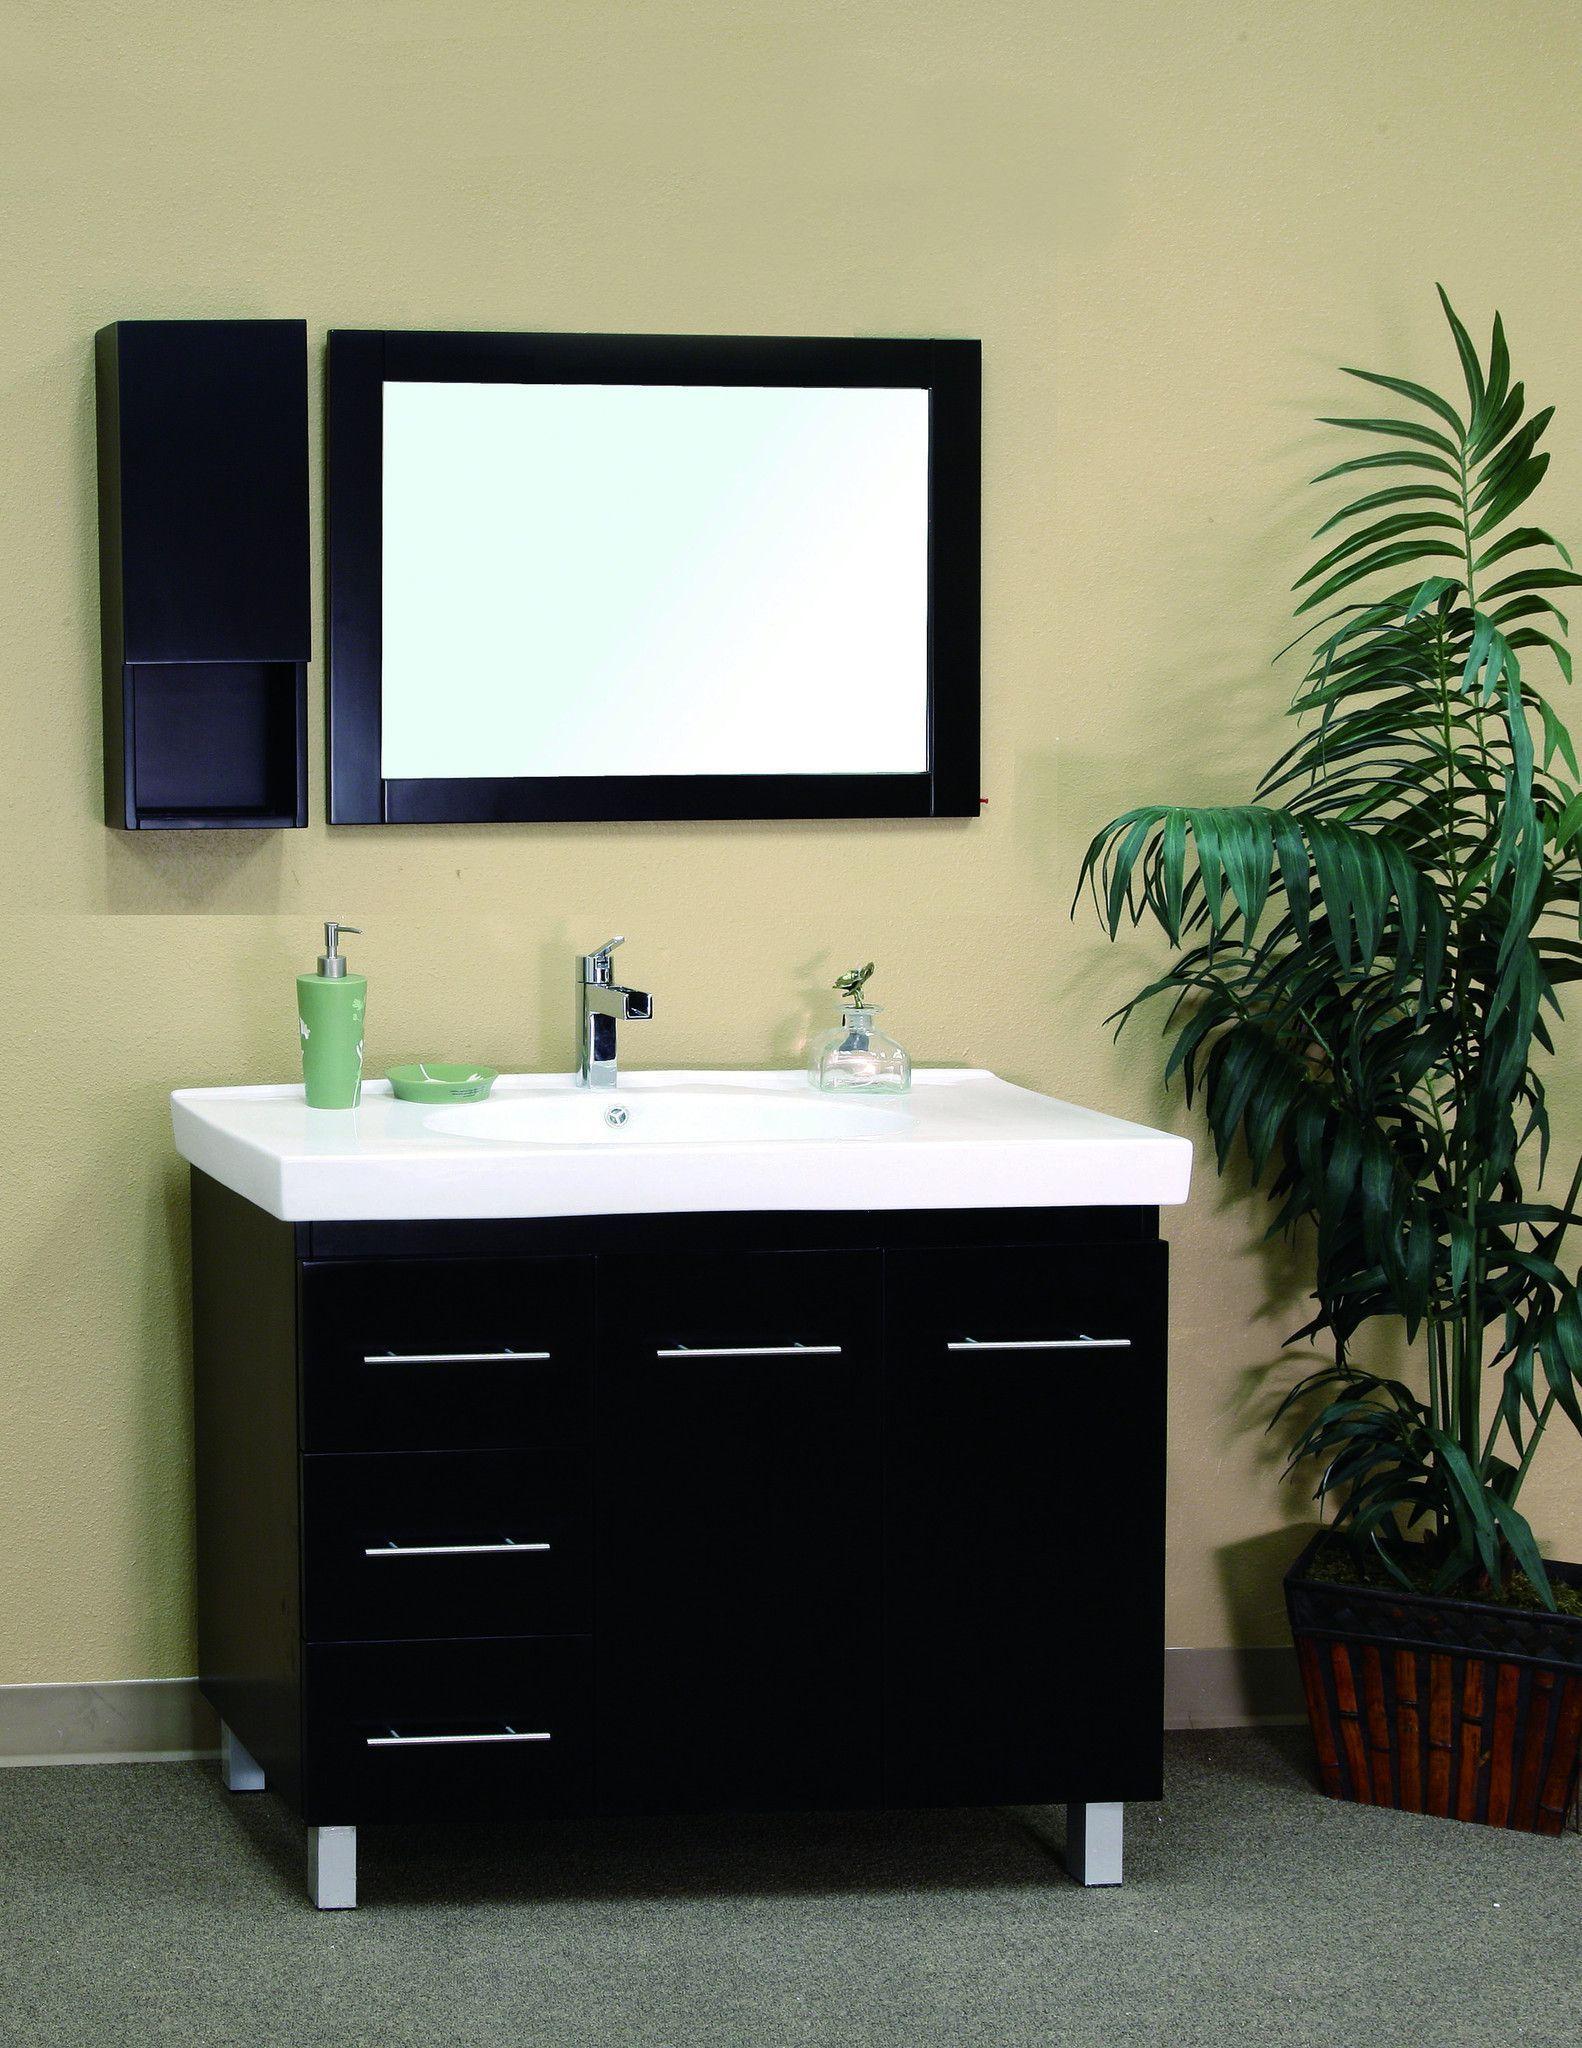 Bathroom vanities in single sink vanity wood black left side